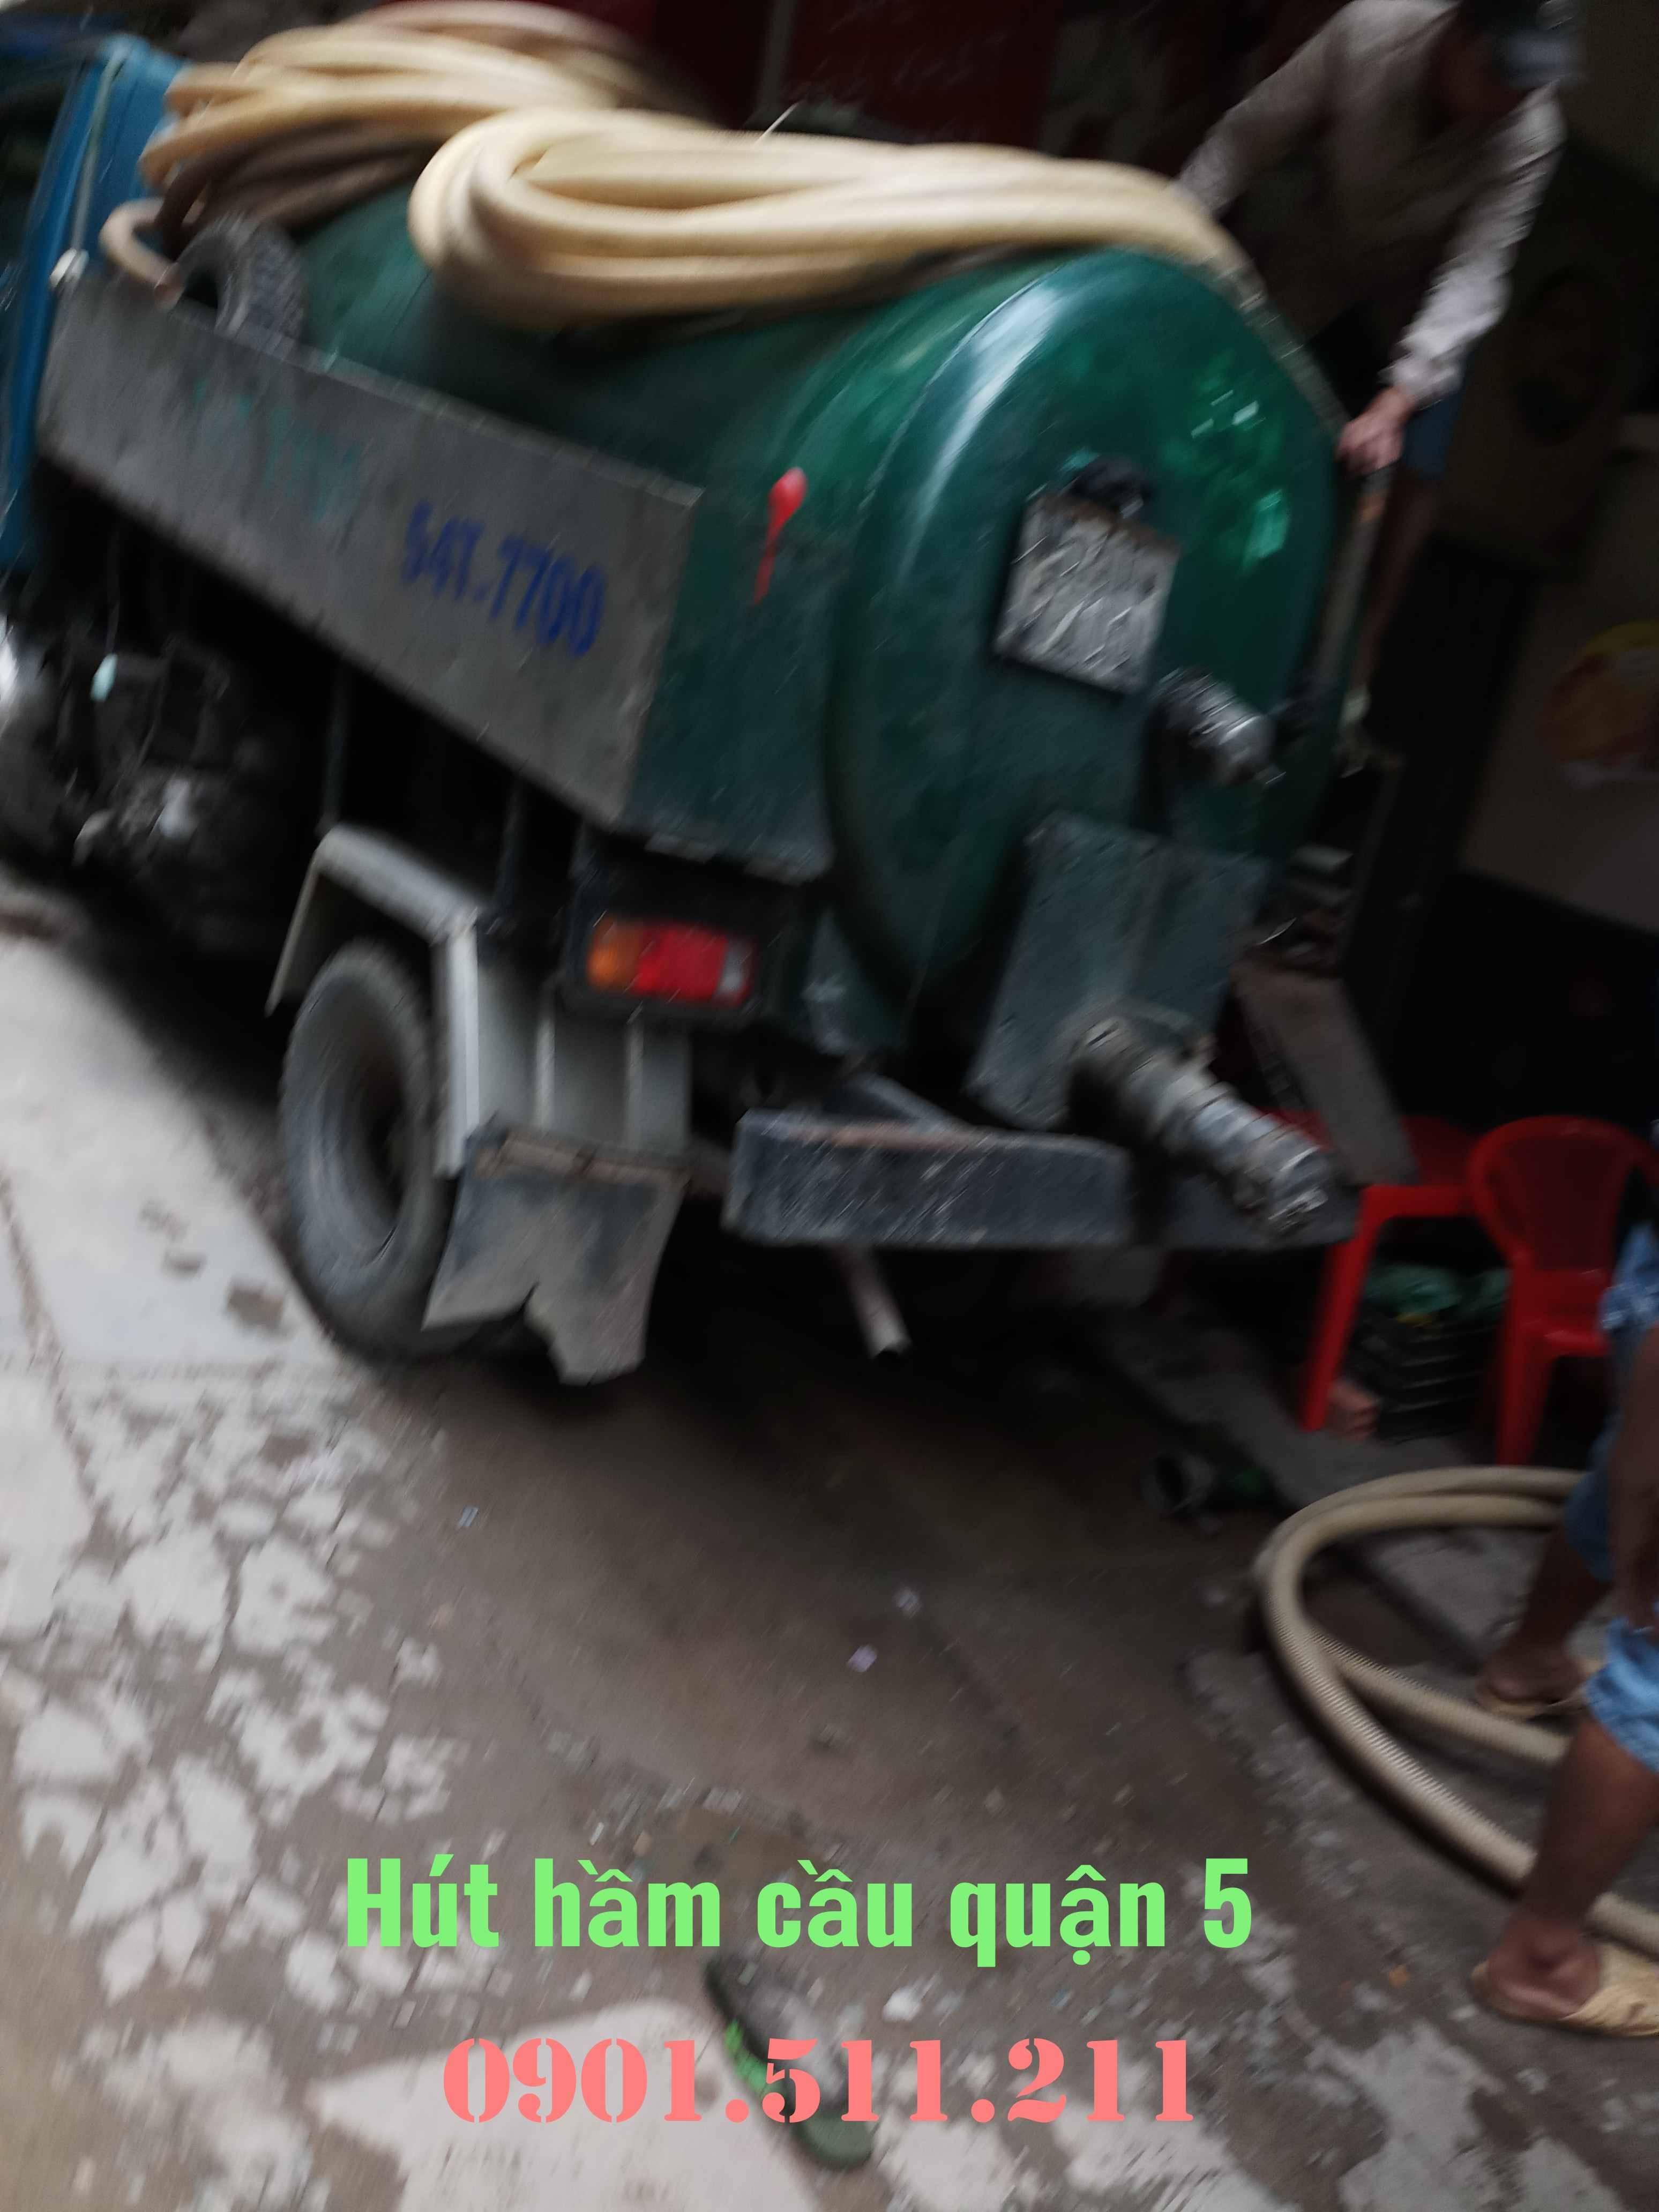 Hút hầm cầu quận 5 giá rẻ uy tín HOÀNG LONG 0901511211